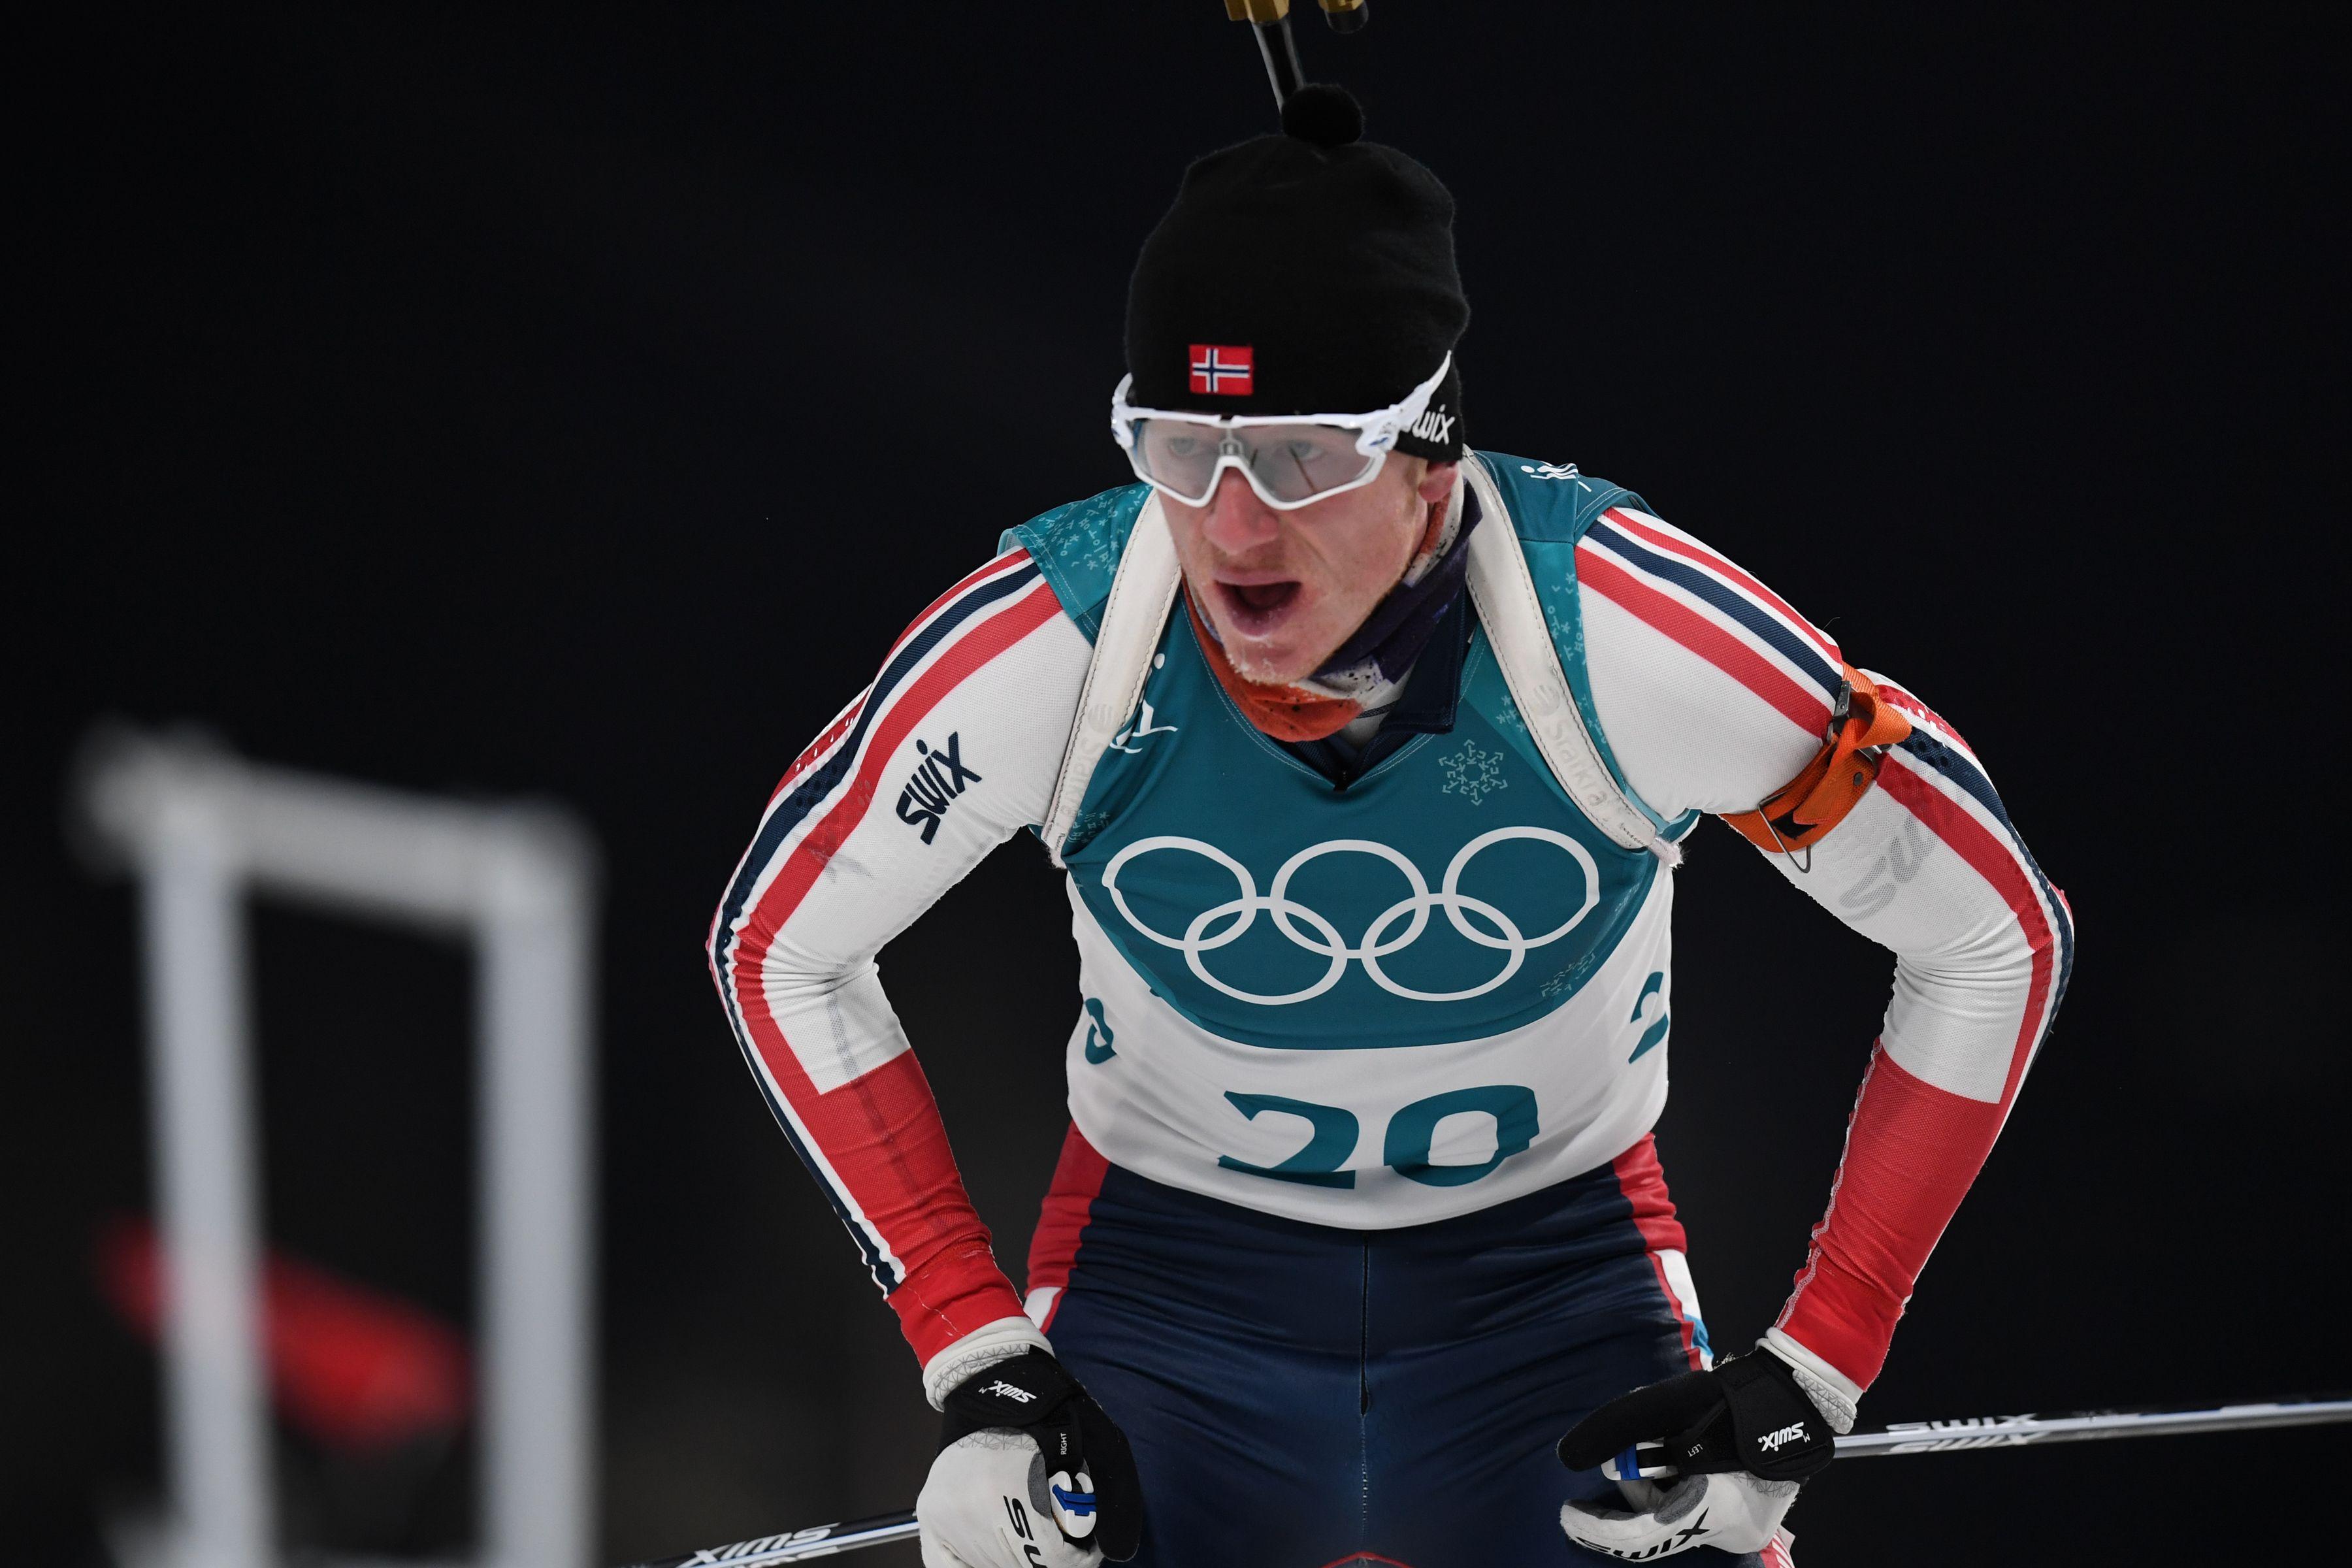 Jeux olympiques - Pyeongchang 2018 - JO 2018 : Johannes Boe, le rival de Fourcade, en plein doute